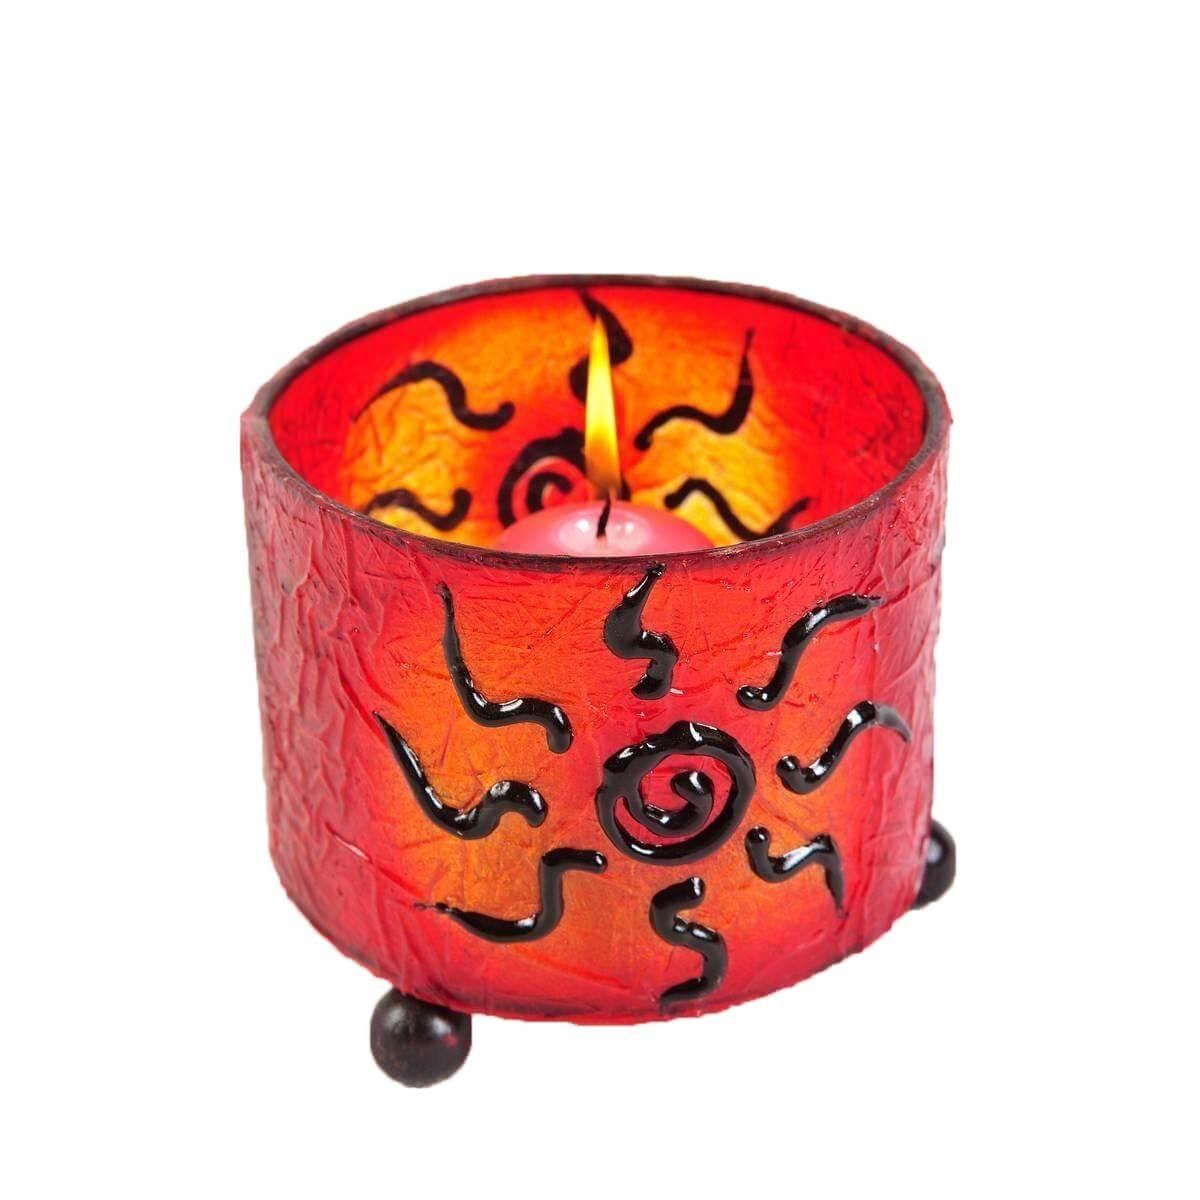 windlicht teelicht teelichthalter kerzenhalter deko resin bali asia fieber rund ebay. Black Bedroom Furniture Sets. Home Design Ideas